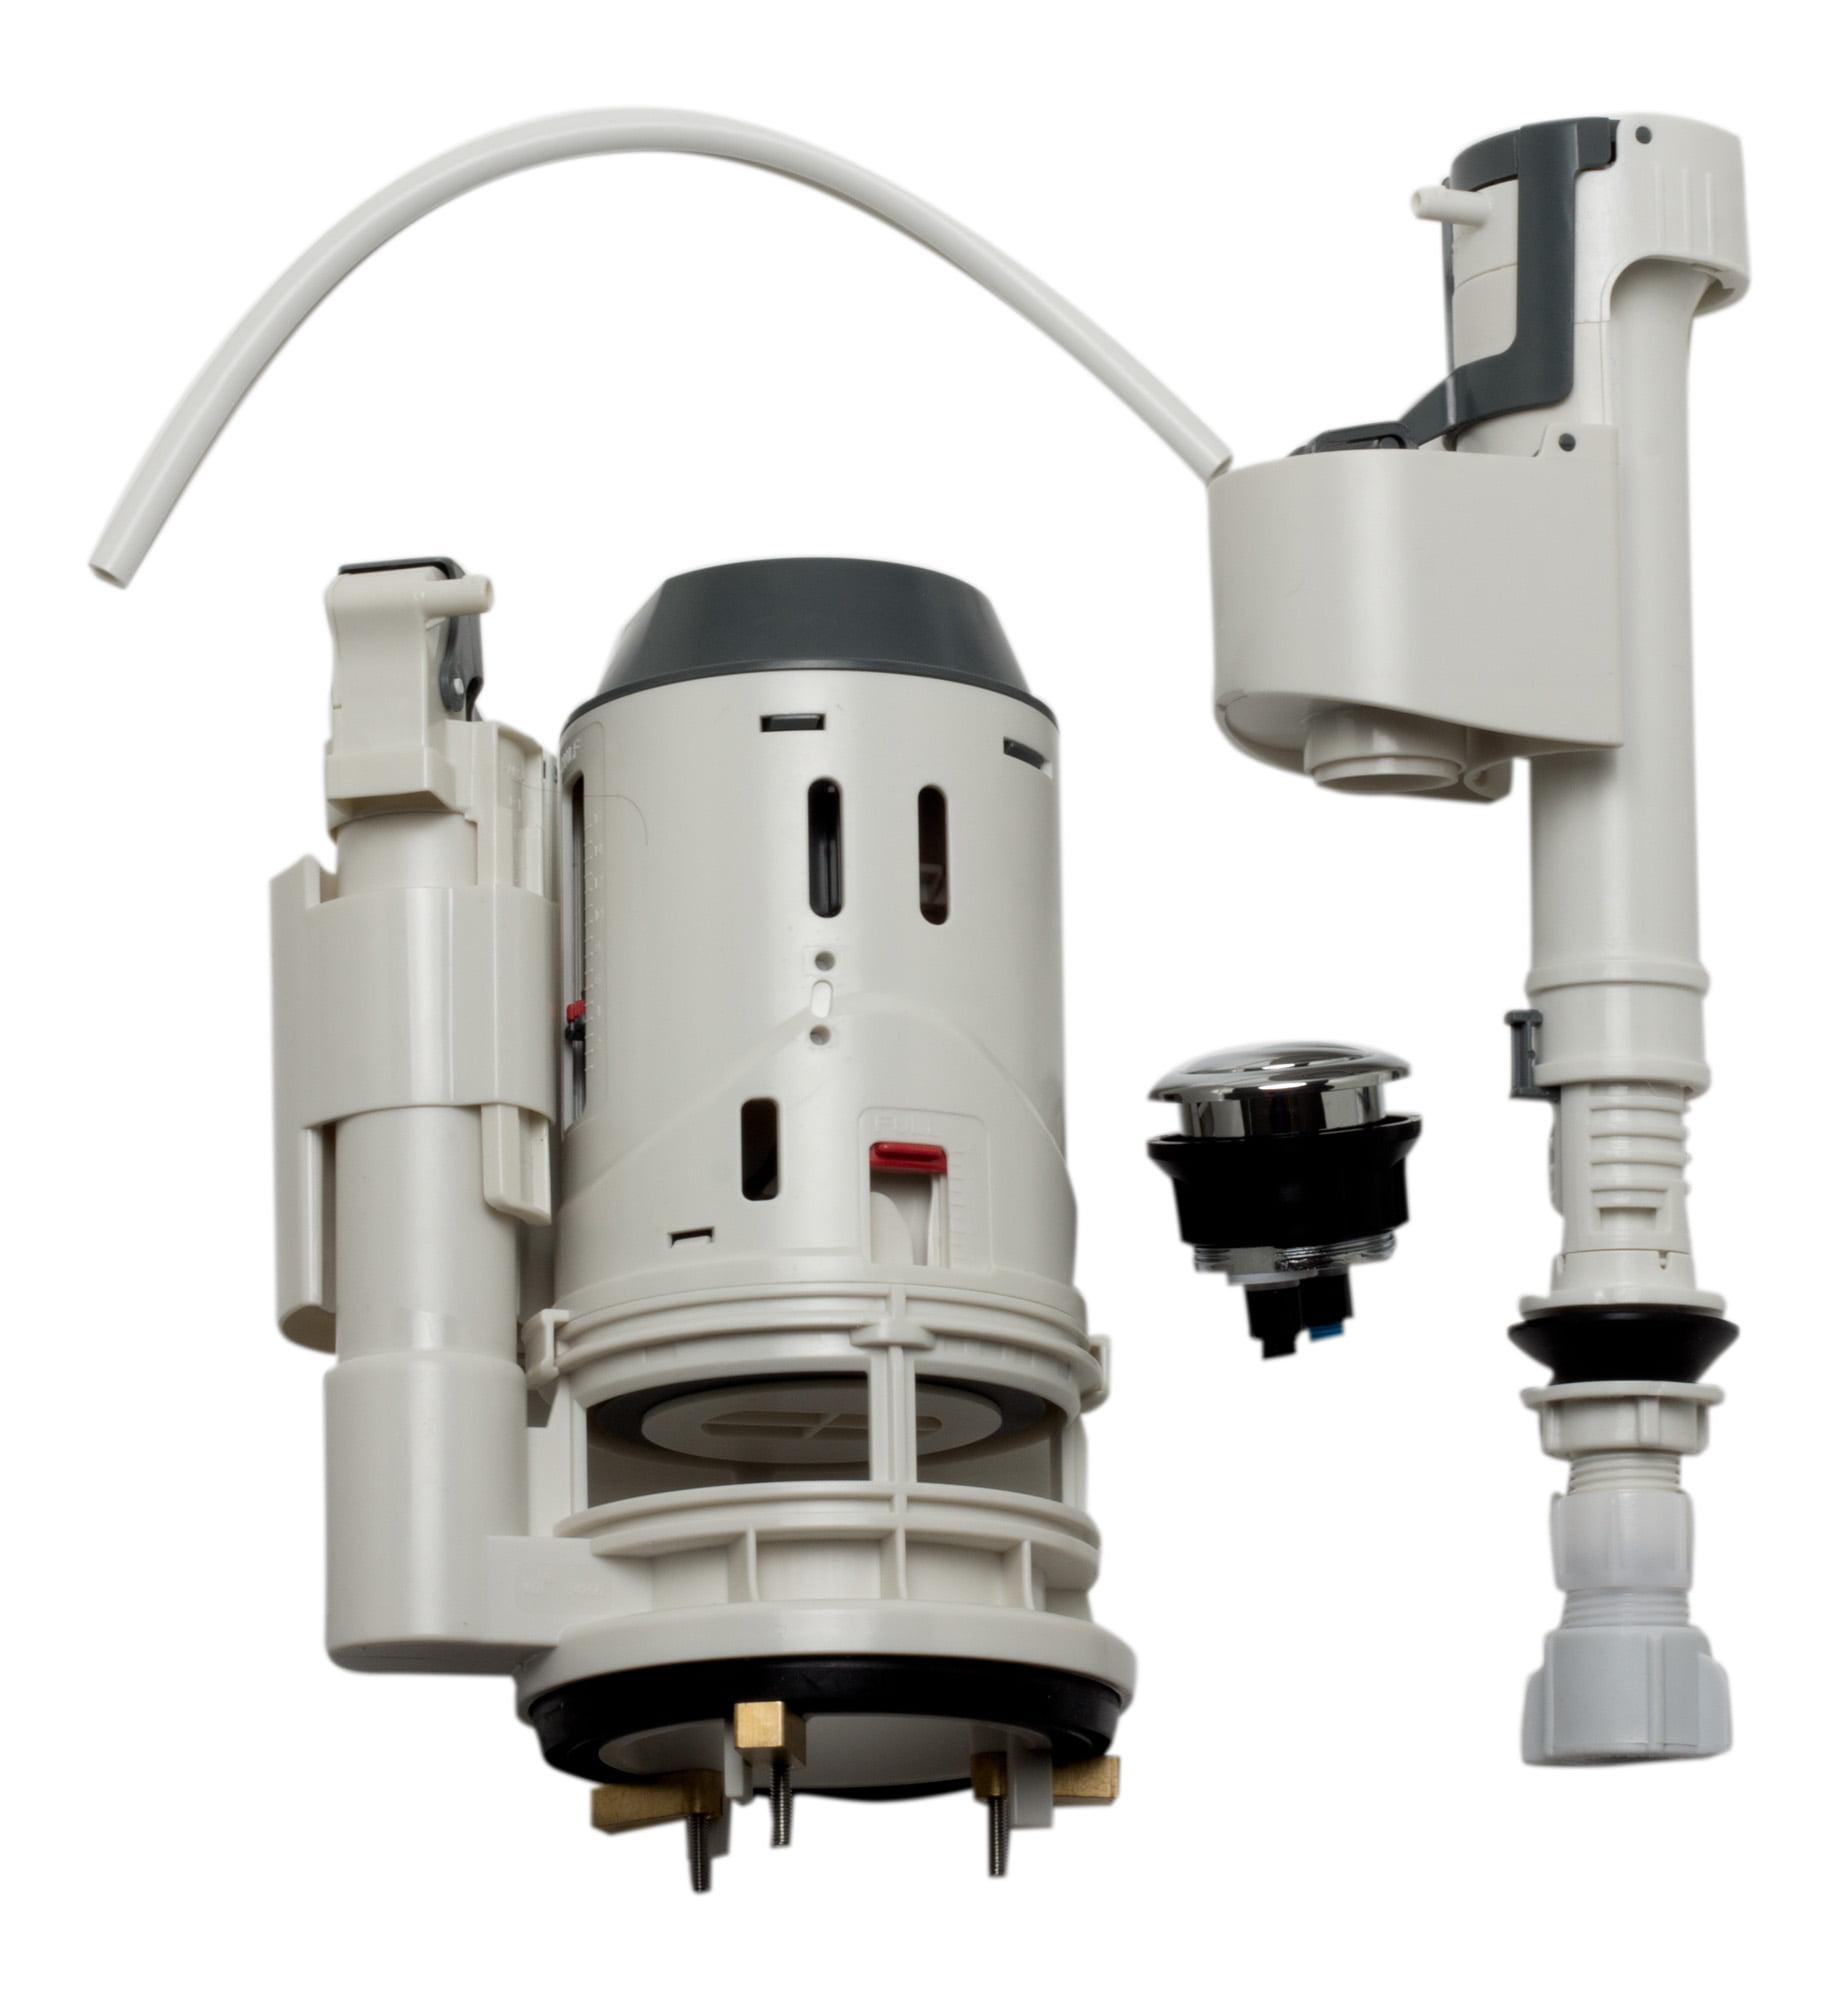 EAGO R-356FLUSH Replacement Toilet Flushing Mechanism for TB356